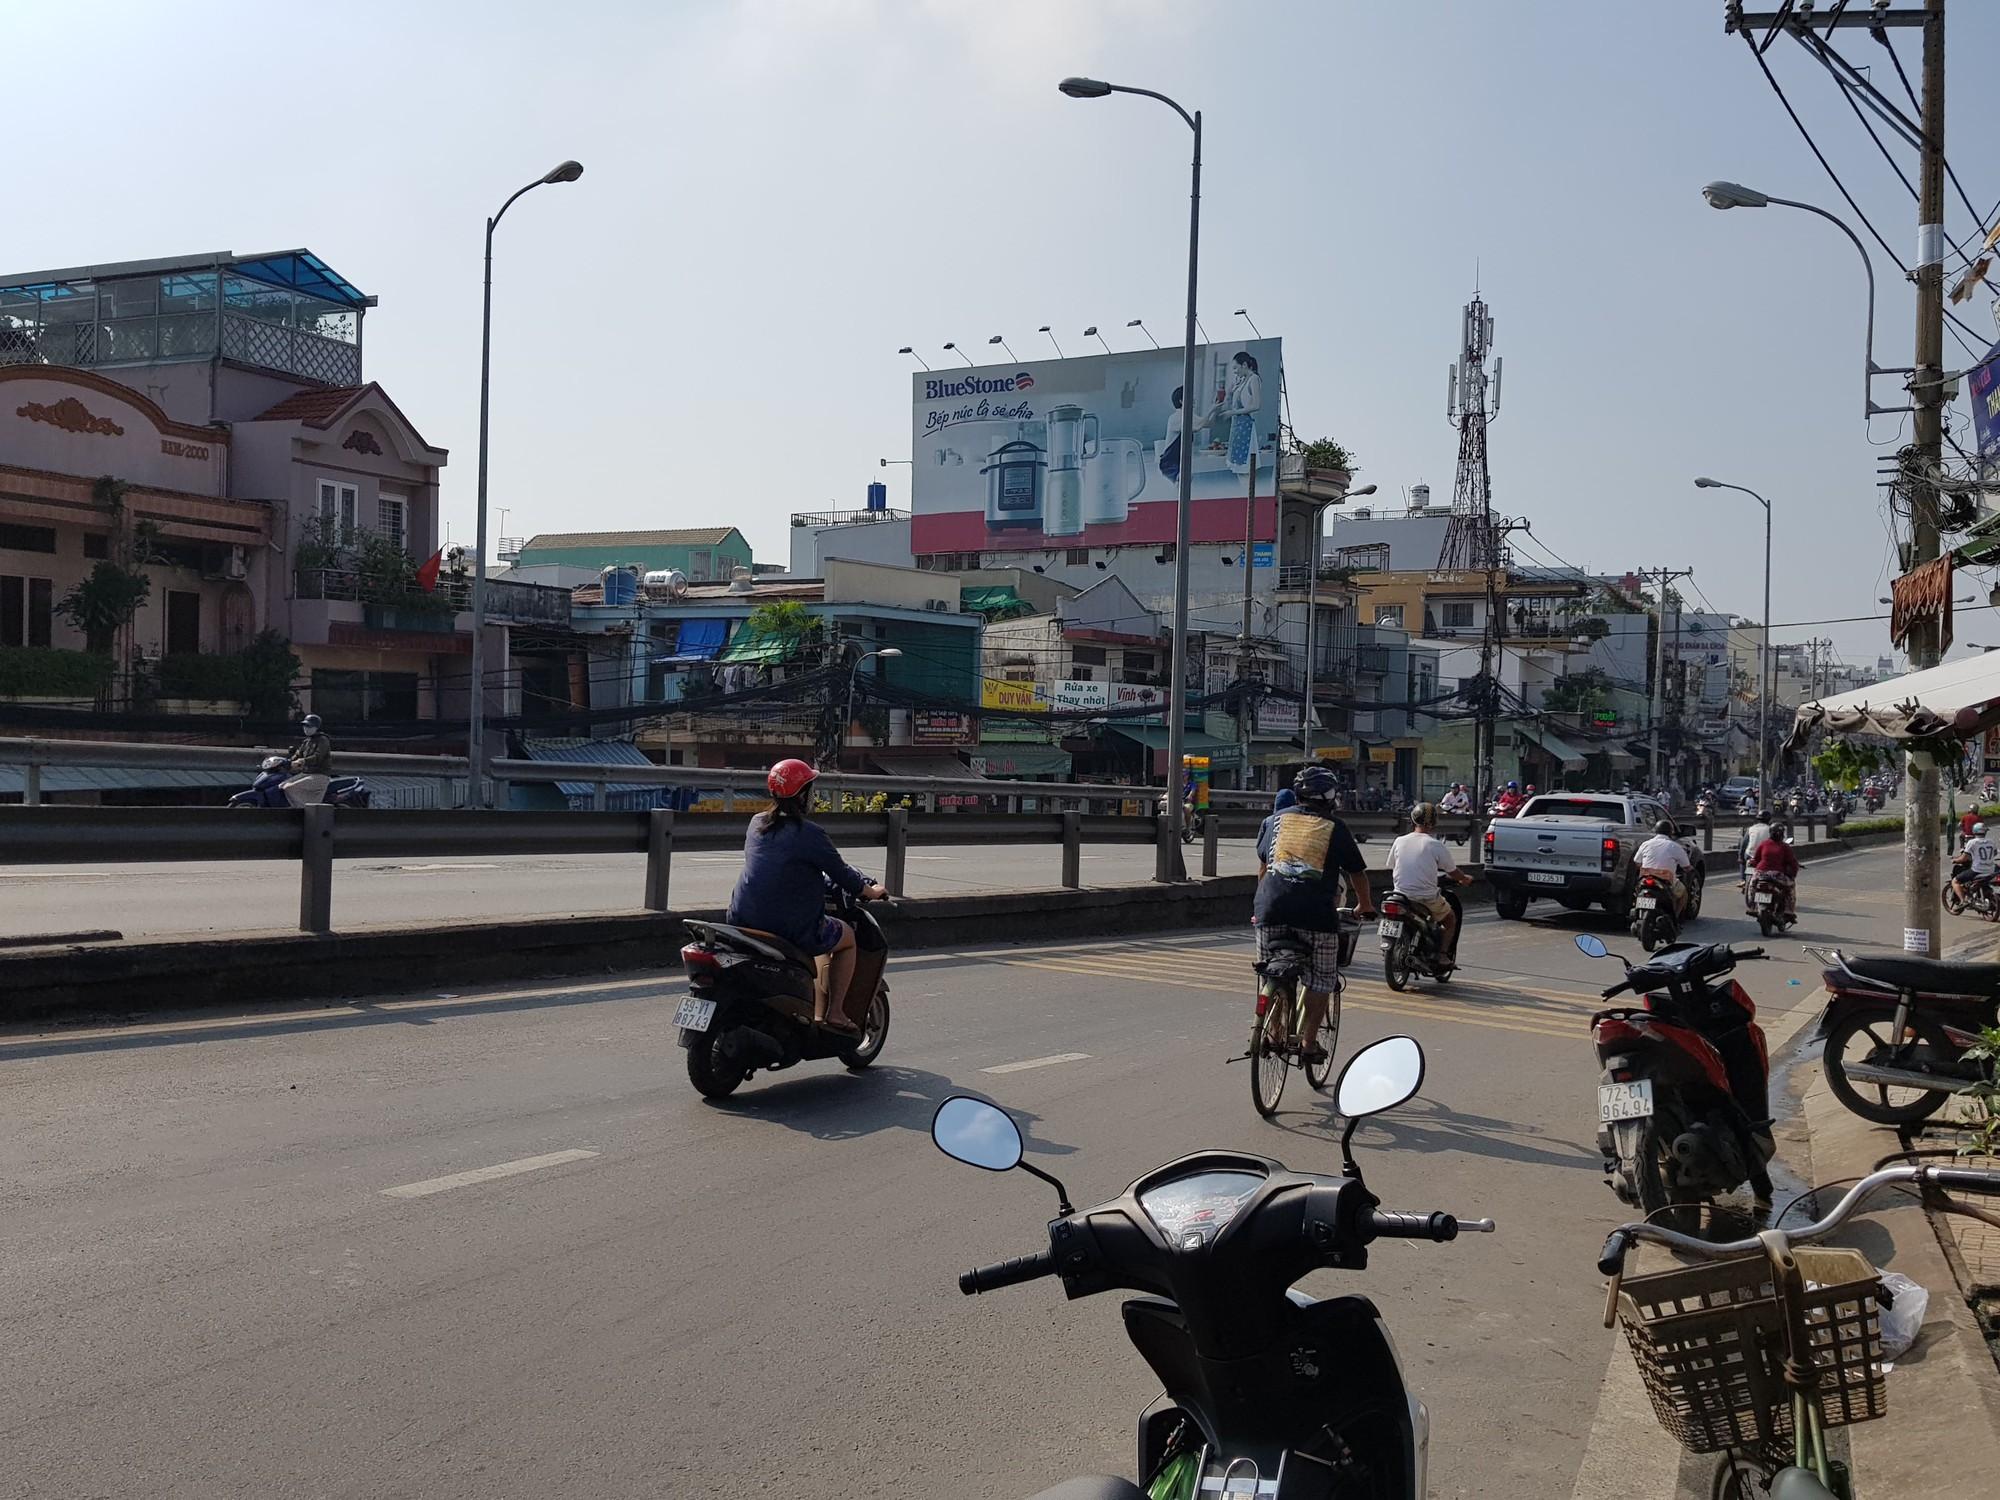 Tạm giữ 10 đối tượng trong nhóm giang hồ cầm mã tấu đuổi chém kinh hoàng trên cầu Nhị Thiên Đường ở Sài Gòn - Ảnh 2.